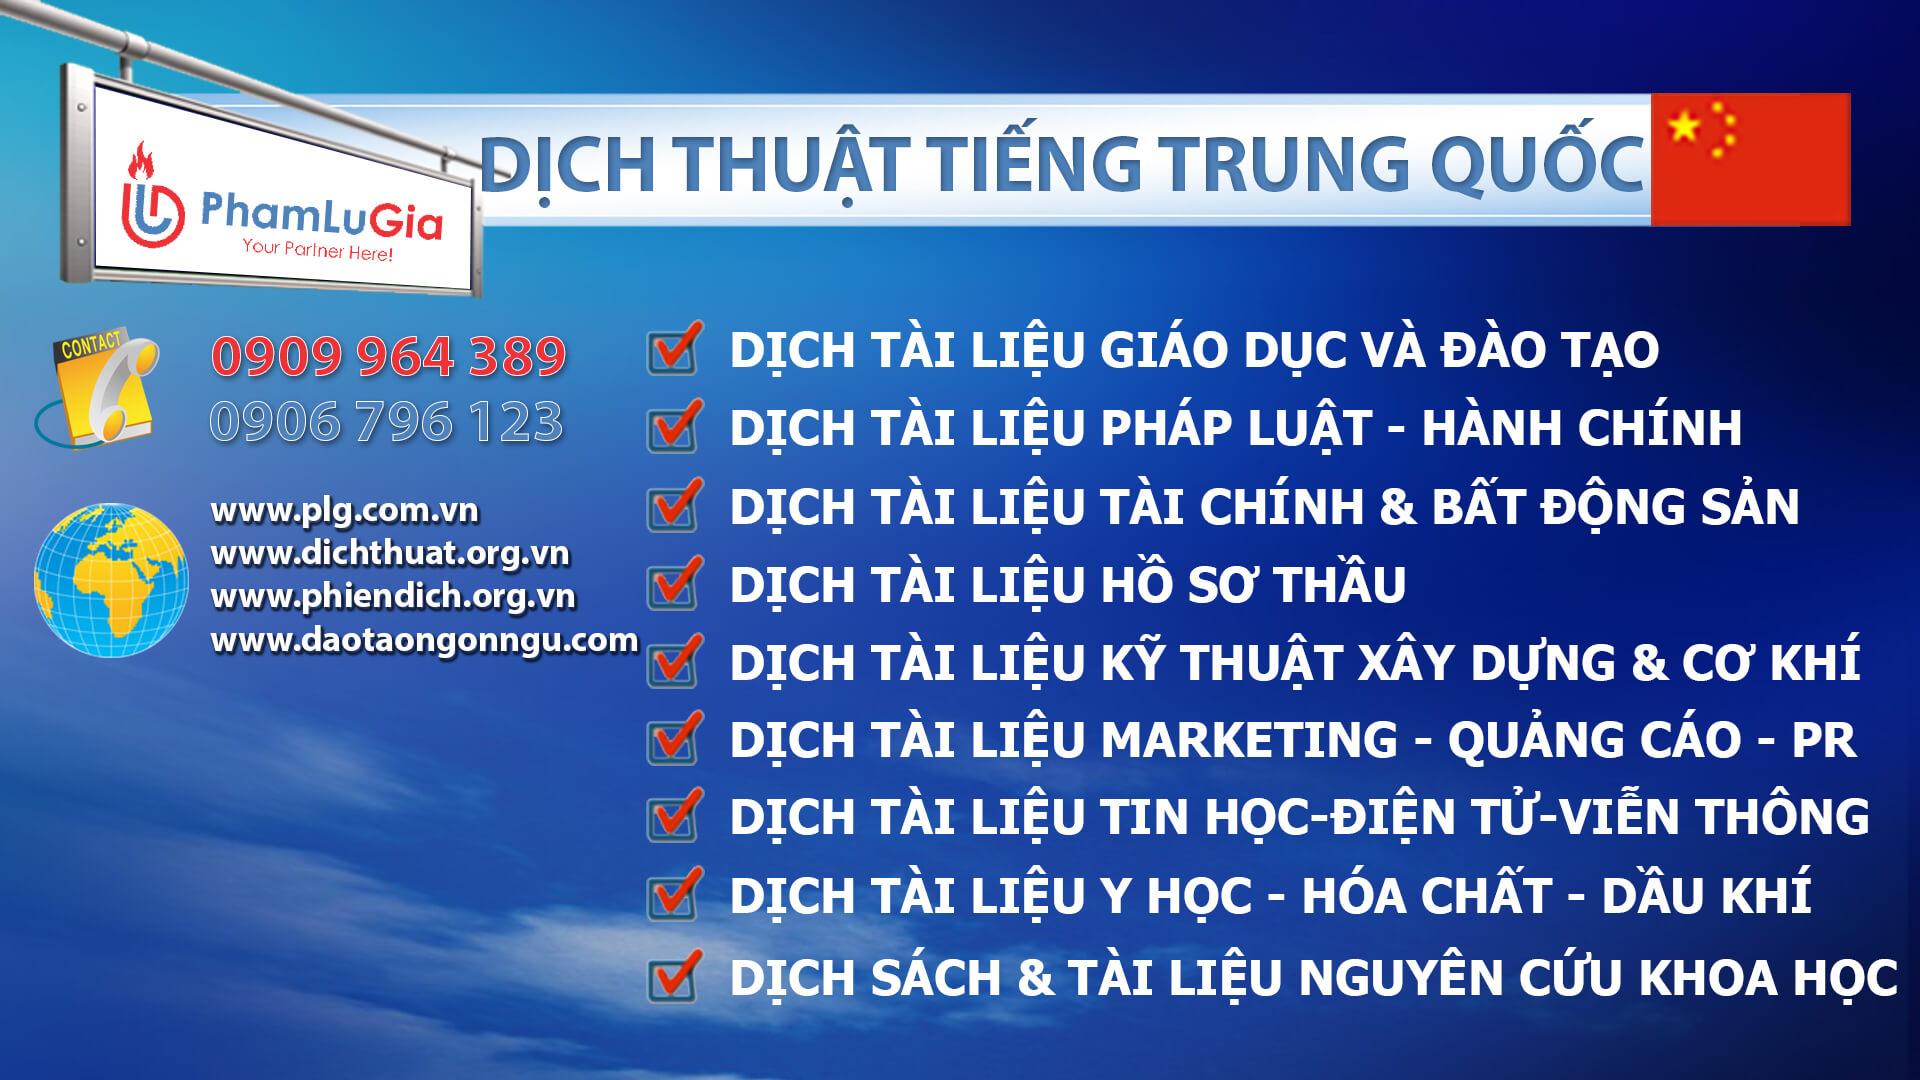 Dịch thuật tiếng Trung Quốc chuyên ngành